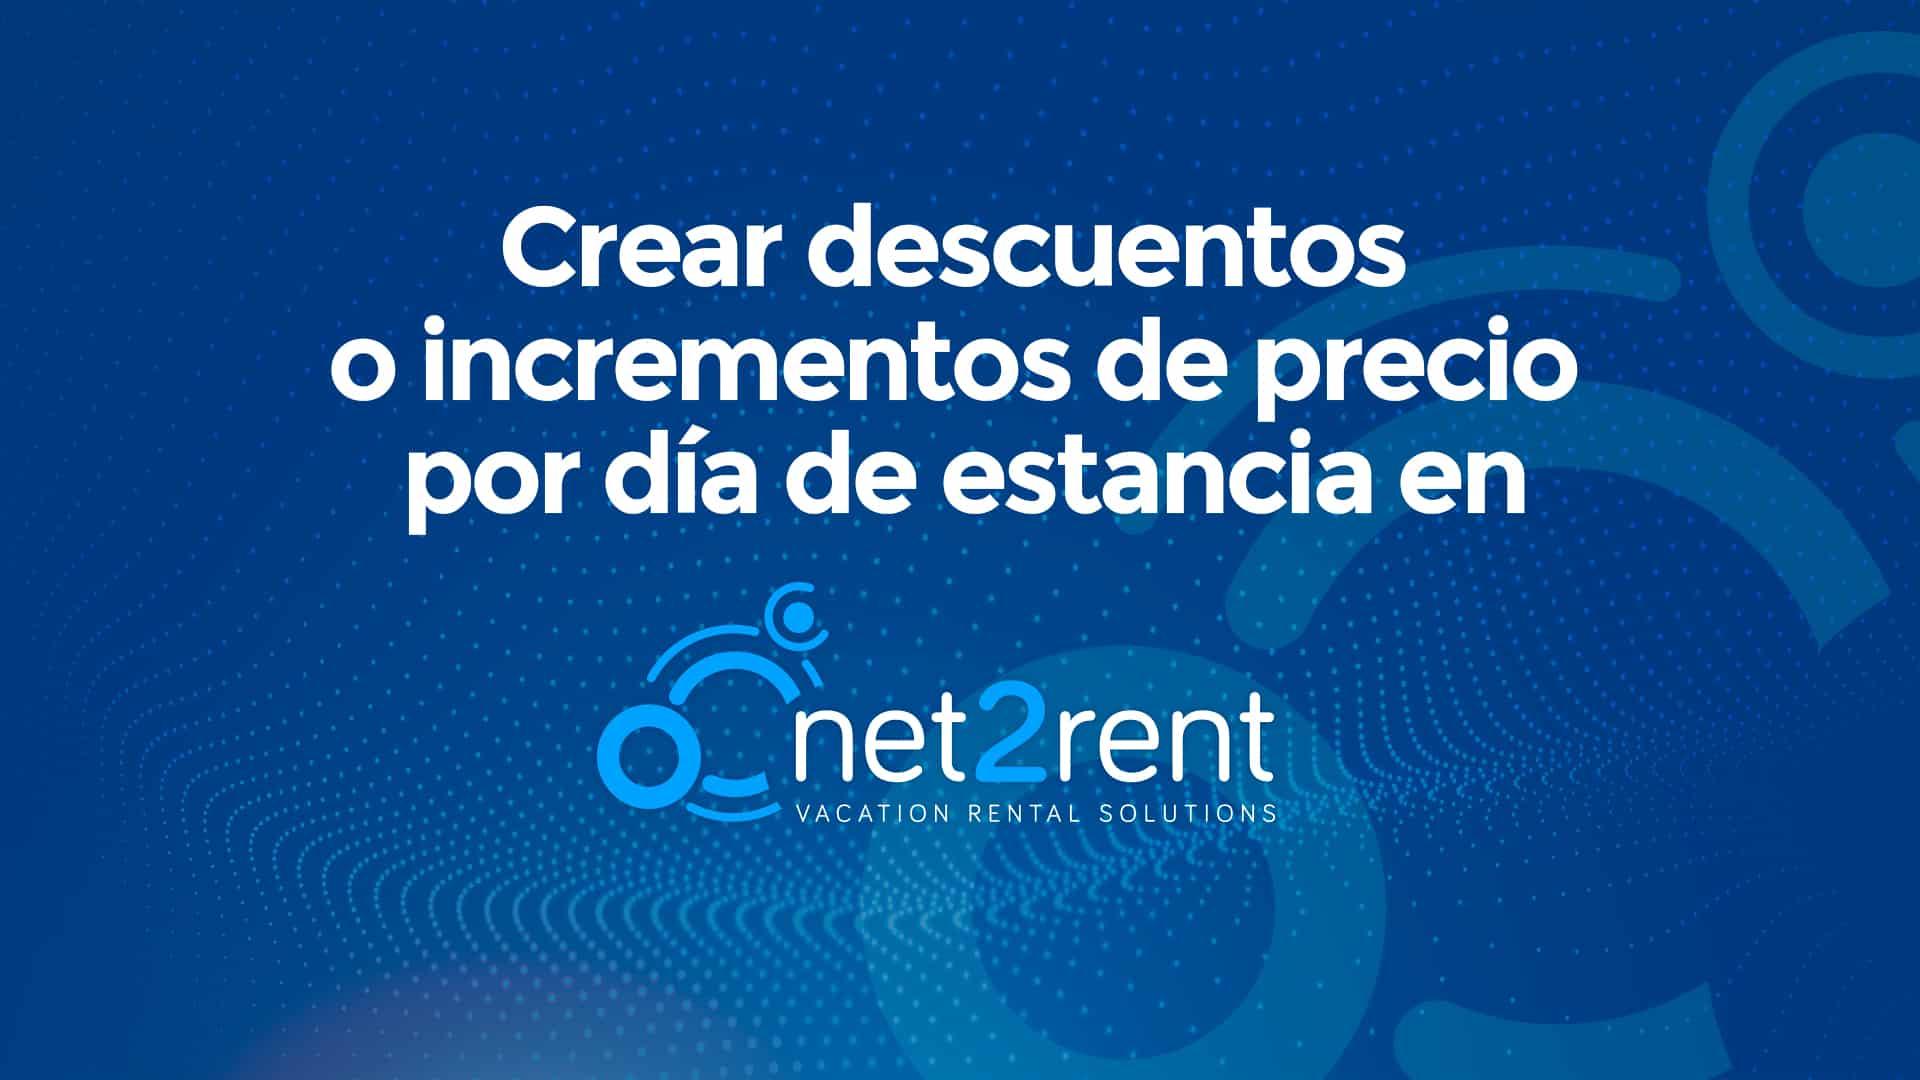 Guías Rápidas de net2rent: 11 - Crear descuentos o incrementos de precio por día de estancia.